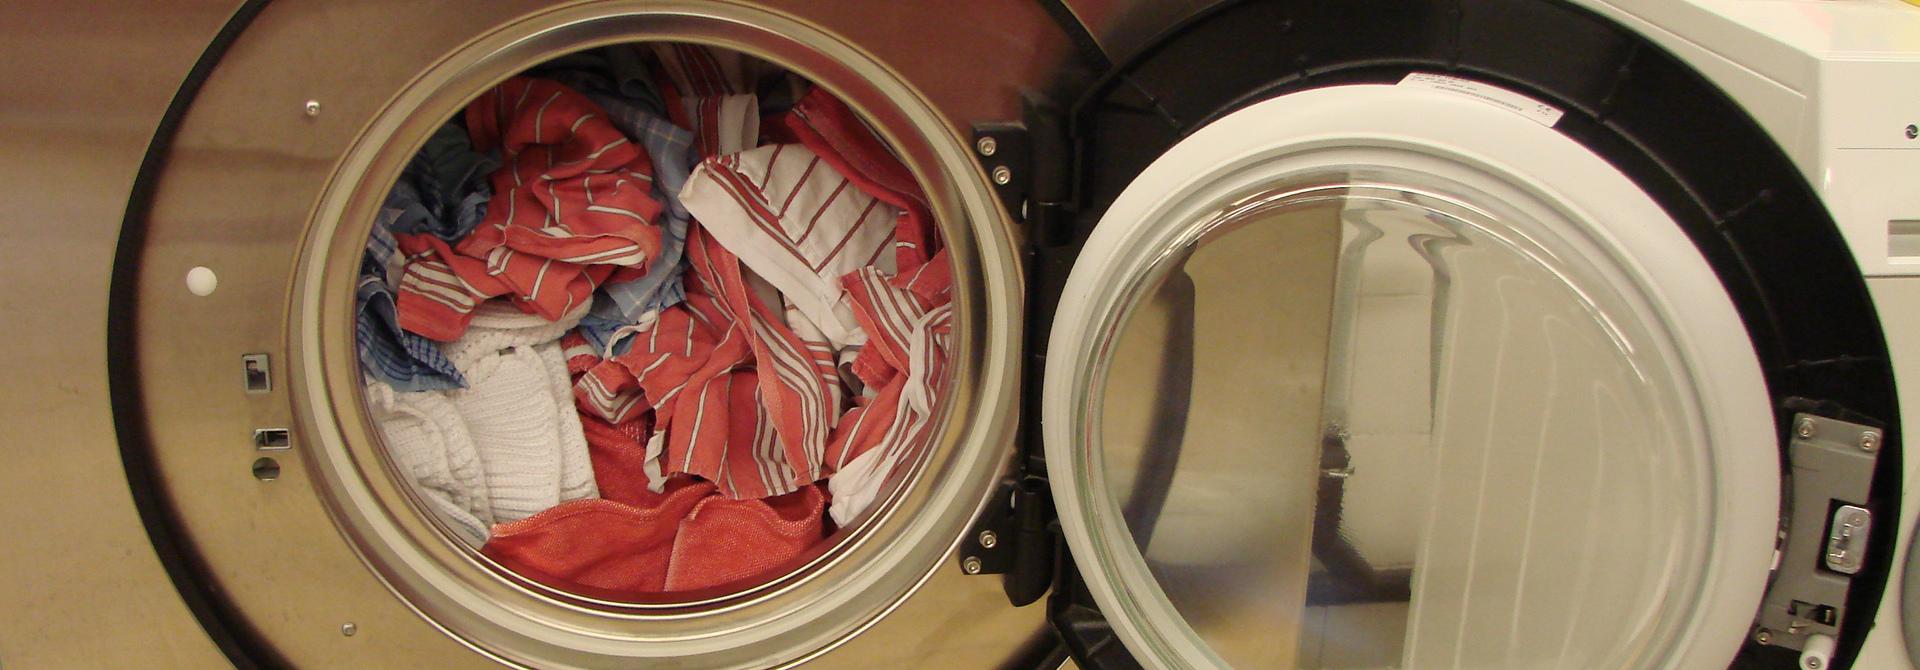 Waschmaschine korrekt fu00fcllen>